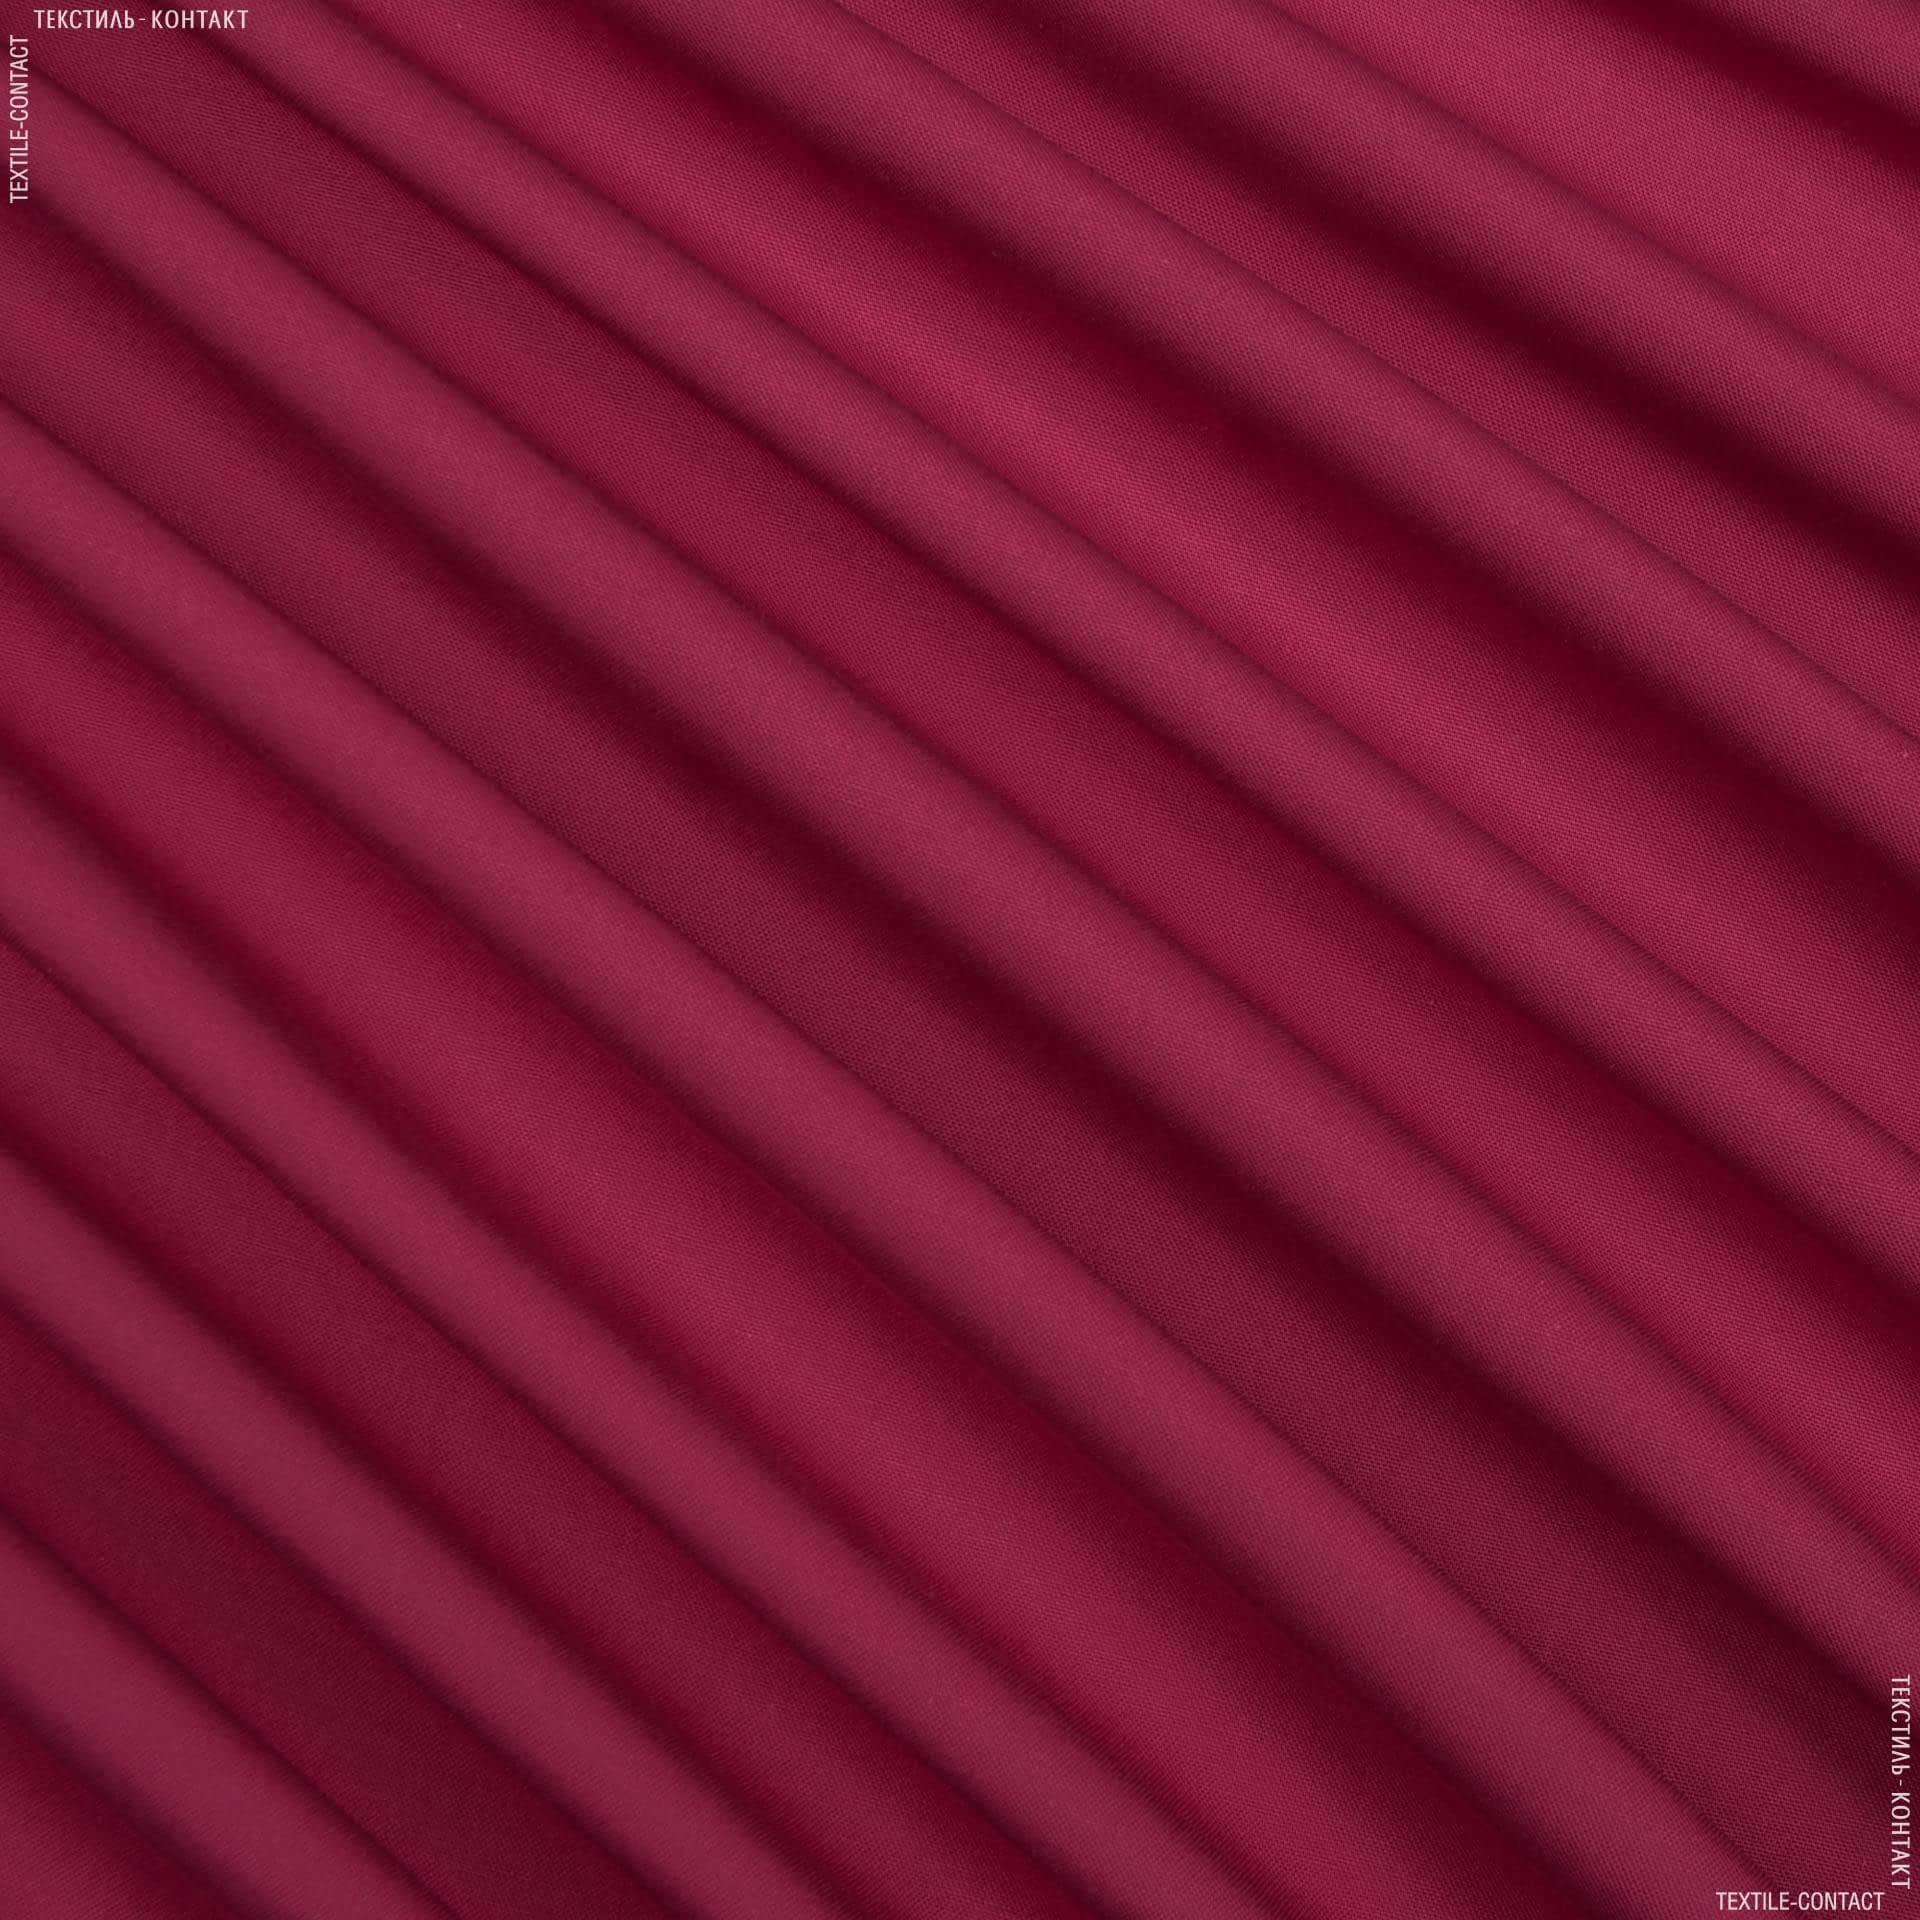 Ткани портьерные ткани - Декоративная ткань  анна малиновый